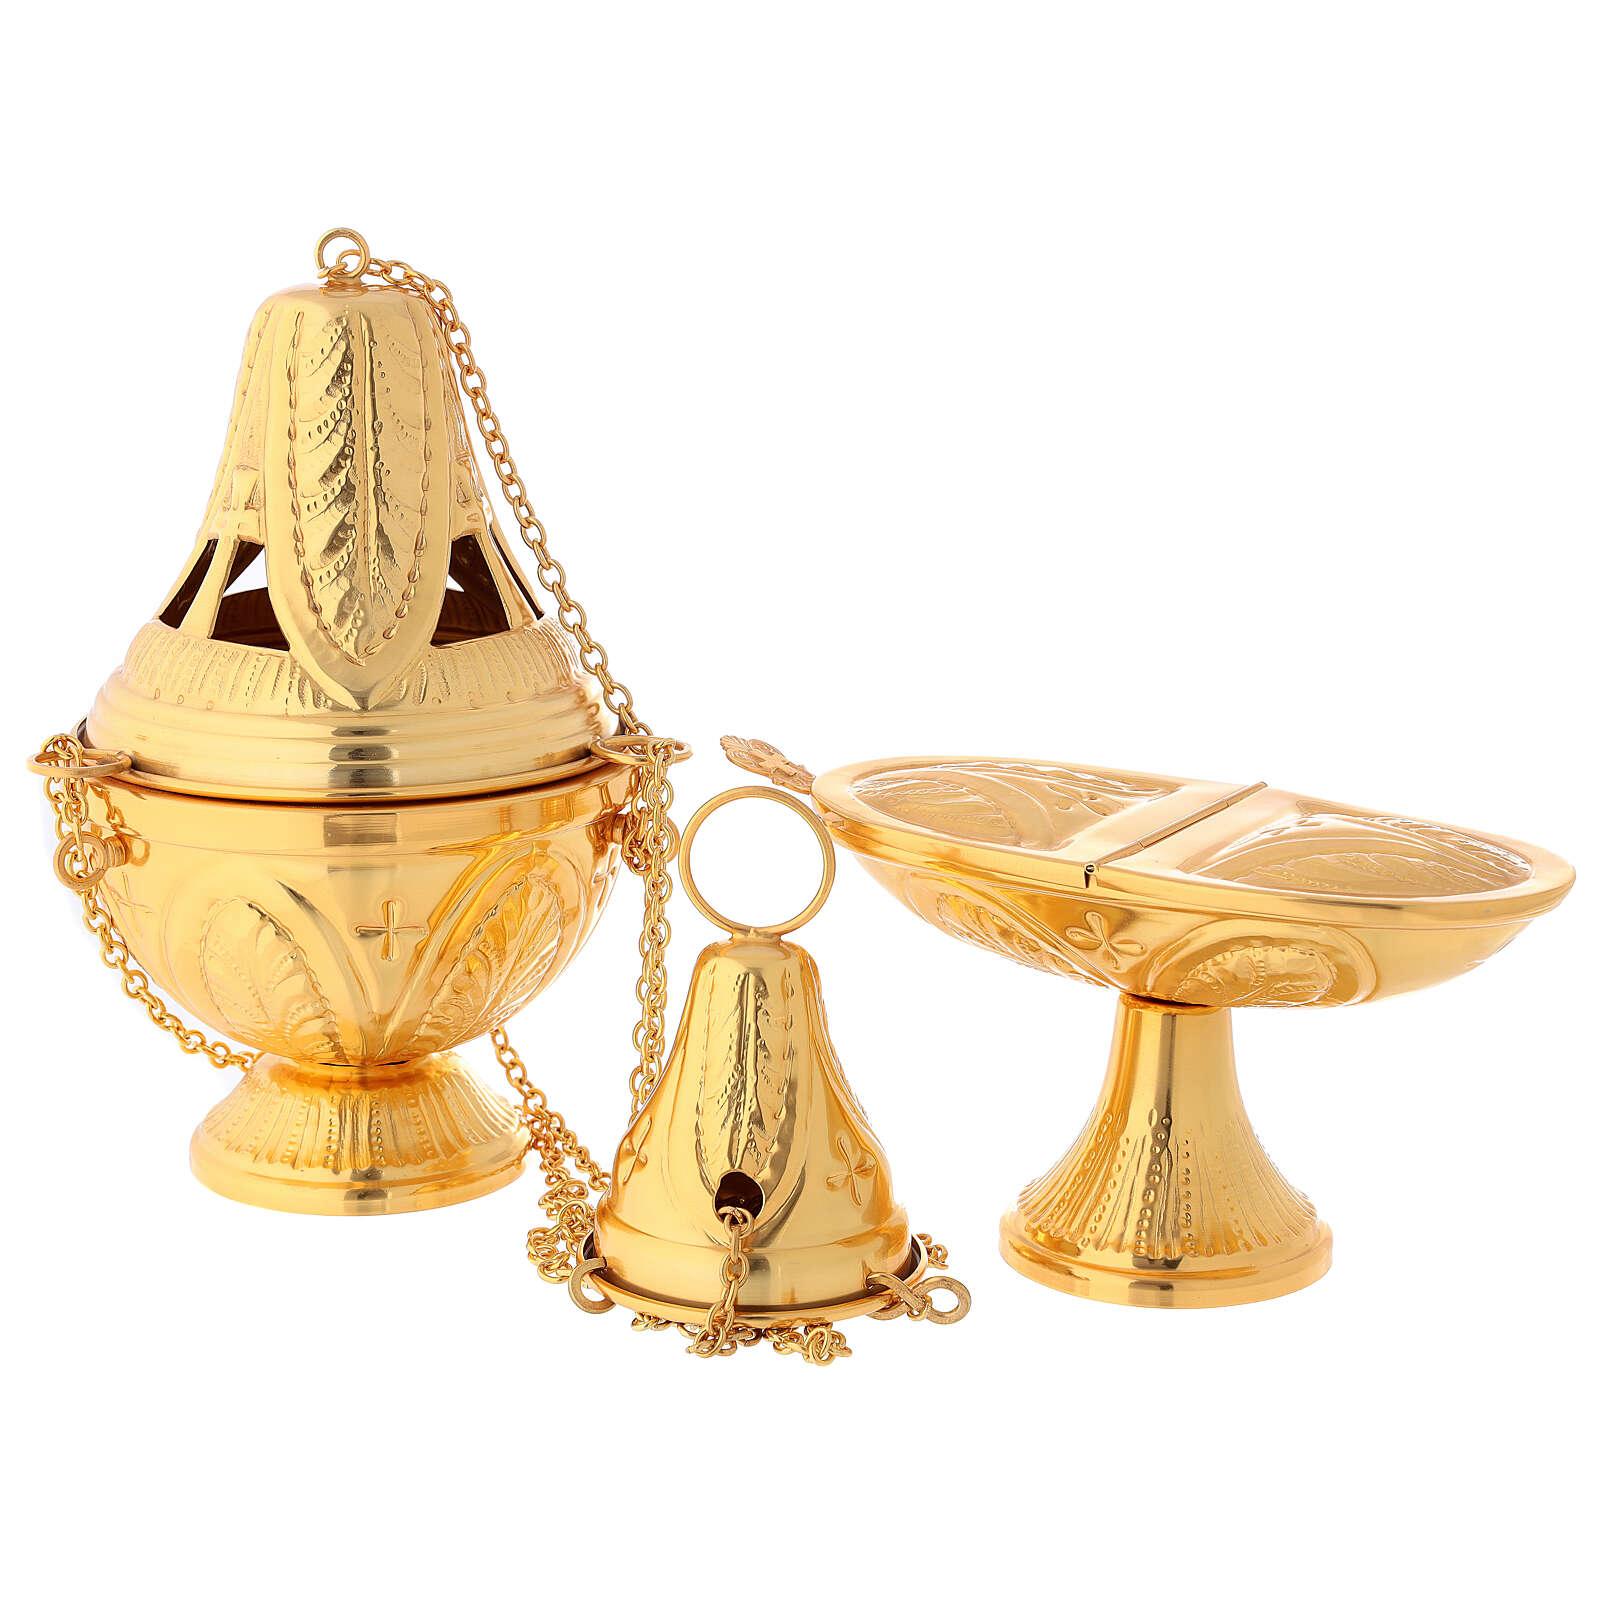 Incensario con naveta acabado dorado cinceladura cruces y hojas 3